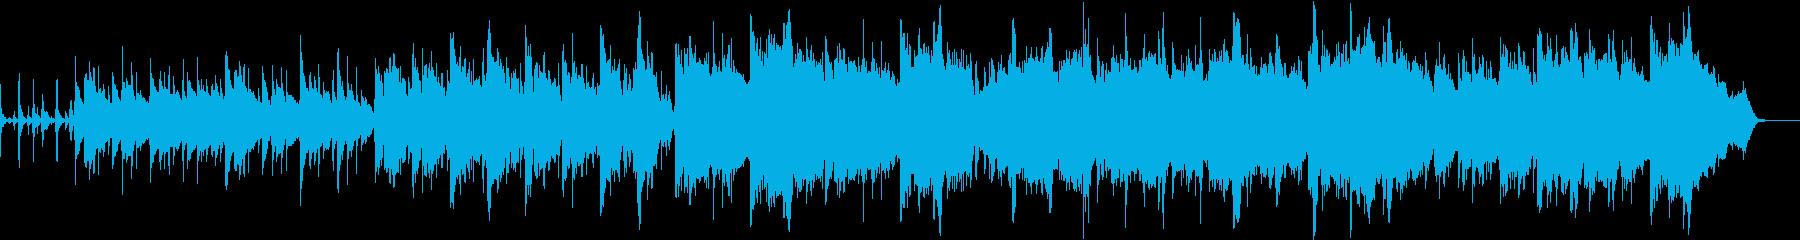 リラックス感あるアコギとアコーディオンの再生済みの波形